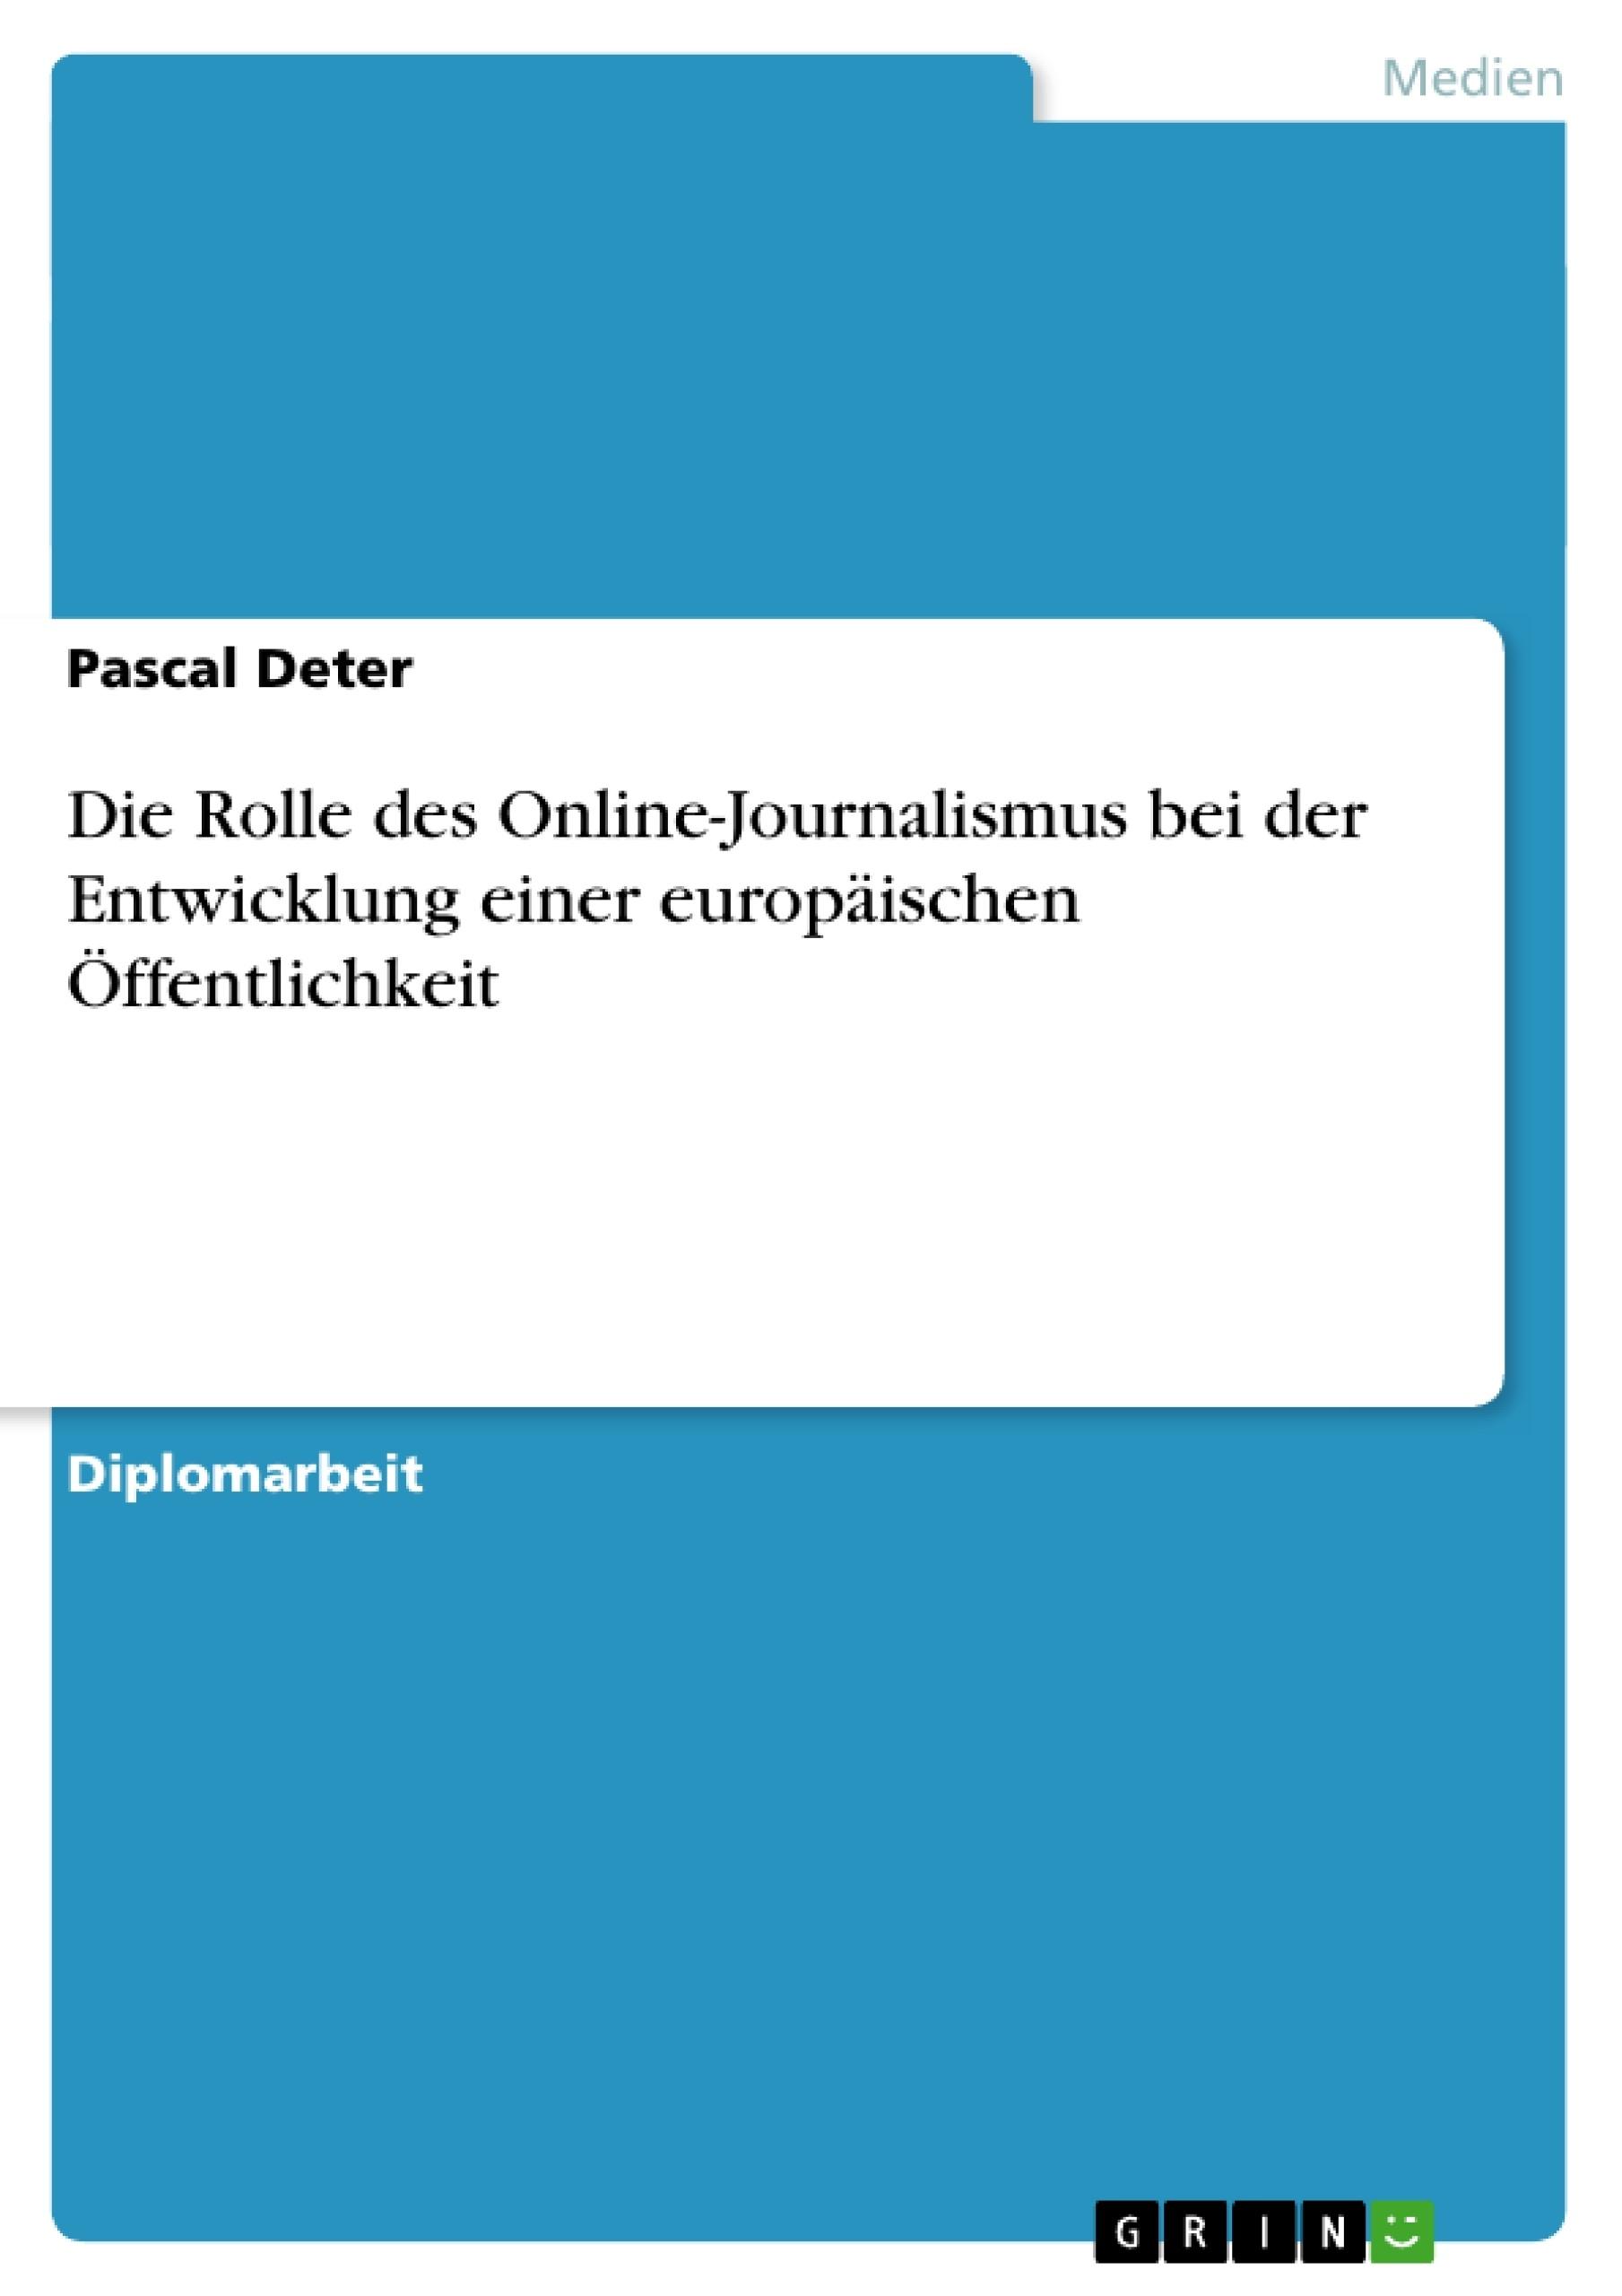 Titel: Die Rolle des Online-Journalismus bei der Entwicklung einer europäischen Öffentlichkeit